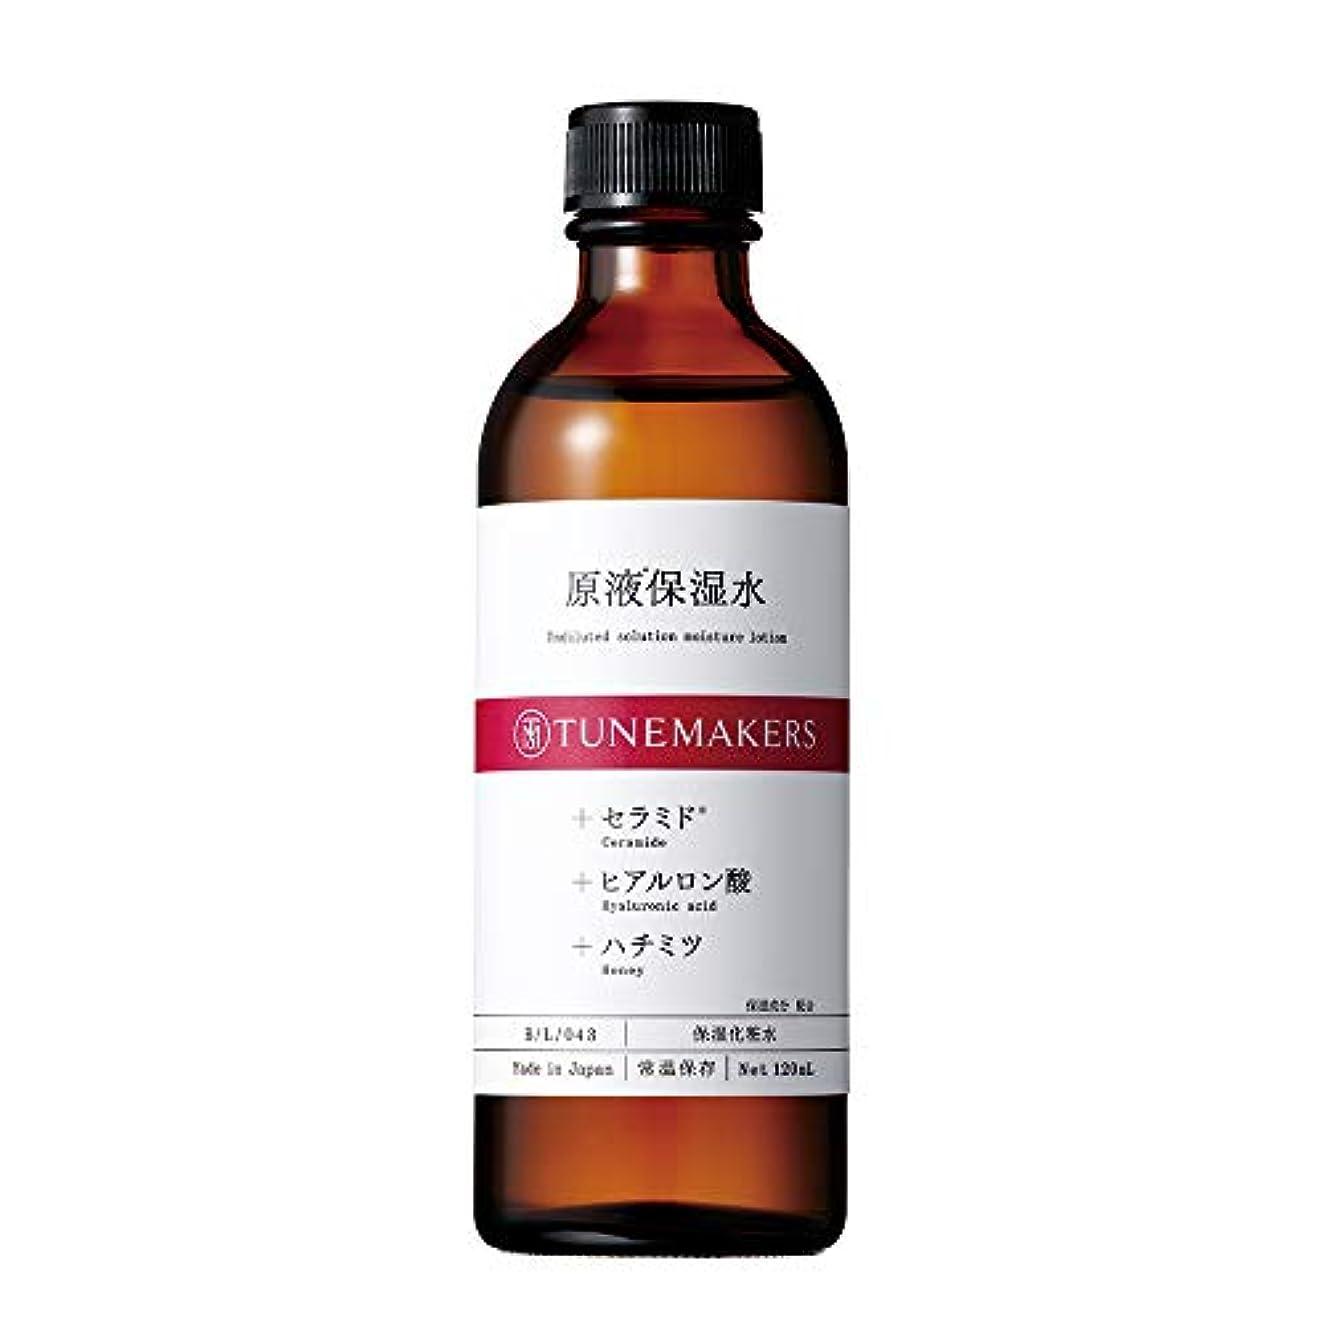 振動させる酸縮れたTUNEMAKERS(チューンメーカーズ) 原液保湿水 化粧水 120ml